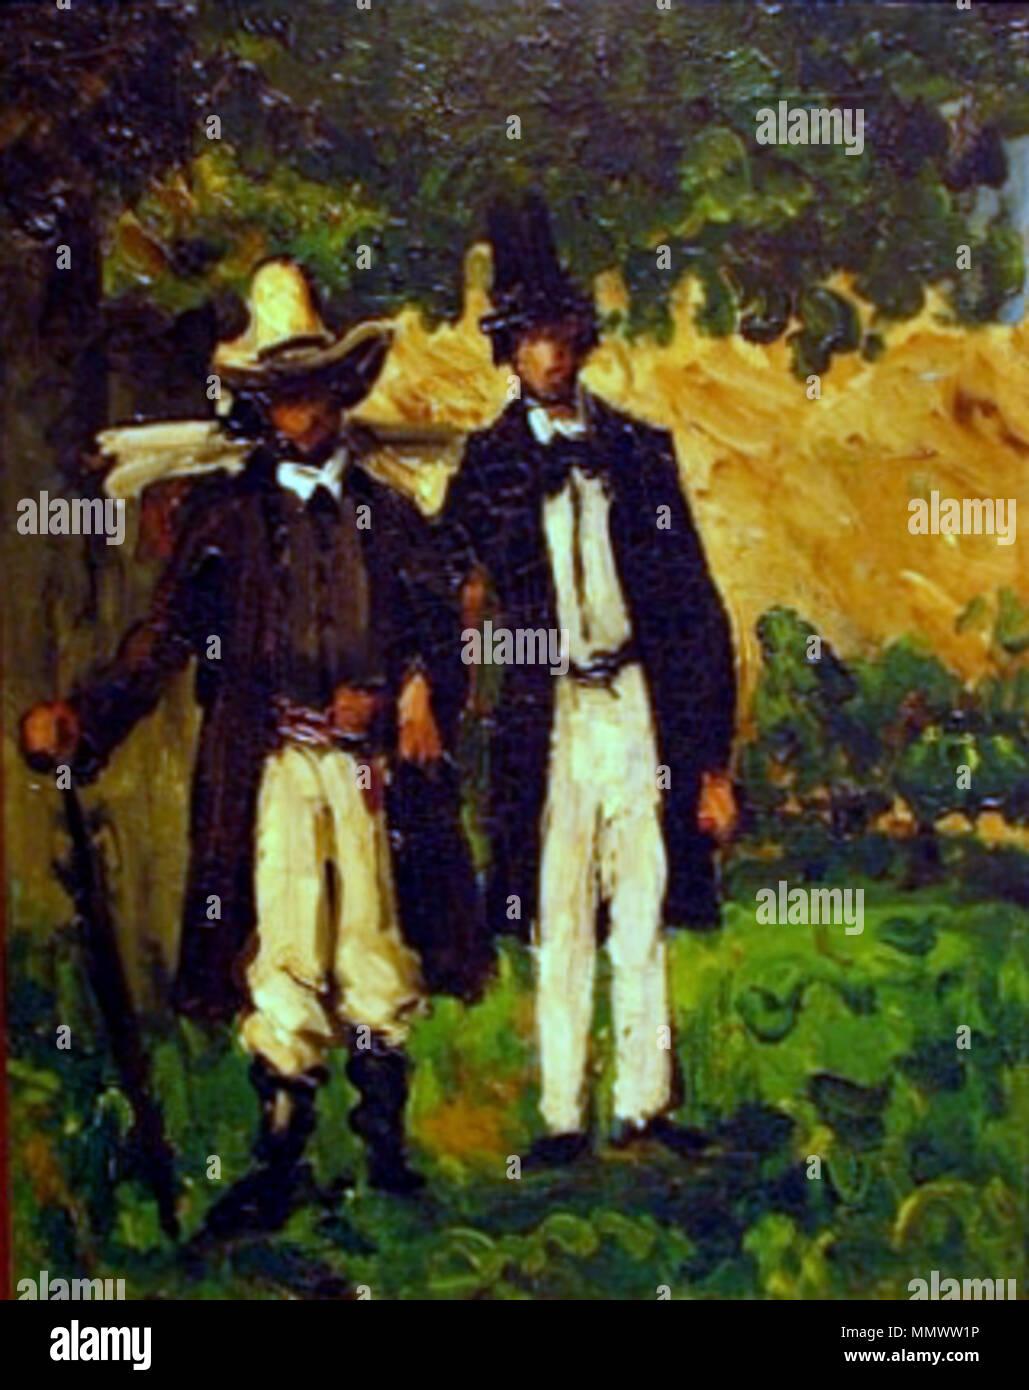 Cézanne - Marion y Valabrègue salen a buscar un motivo para pintar Imagen De Stock